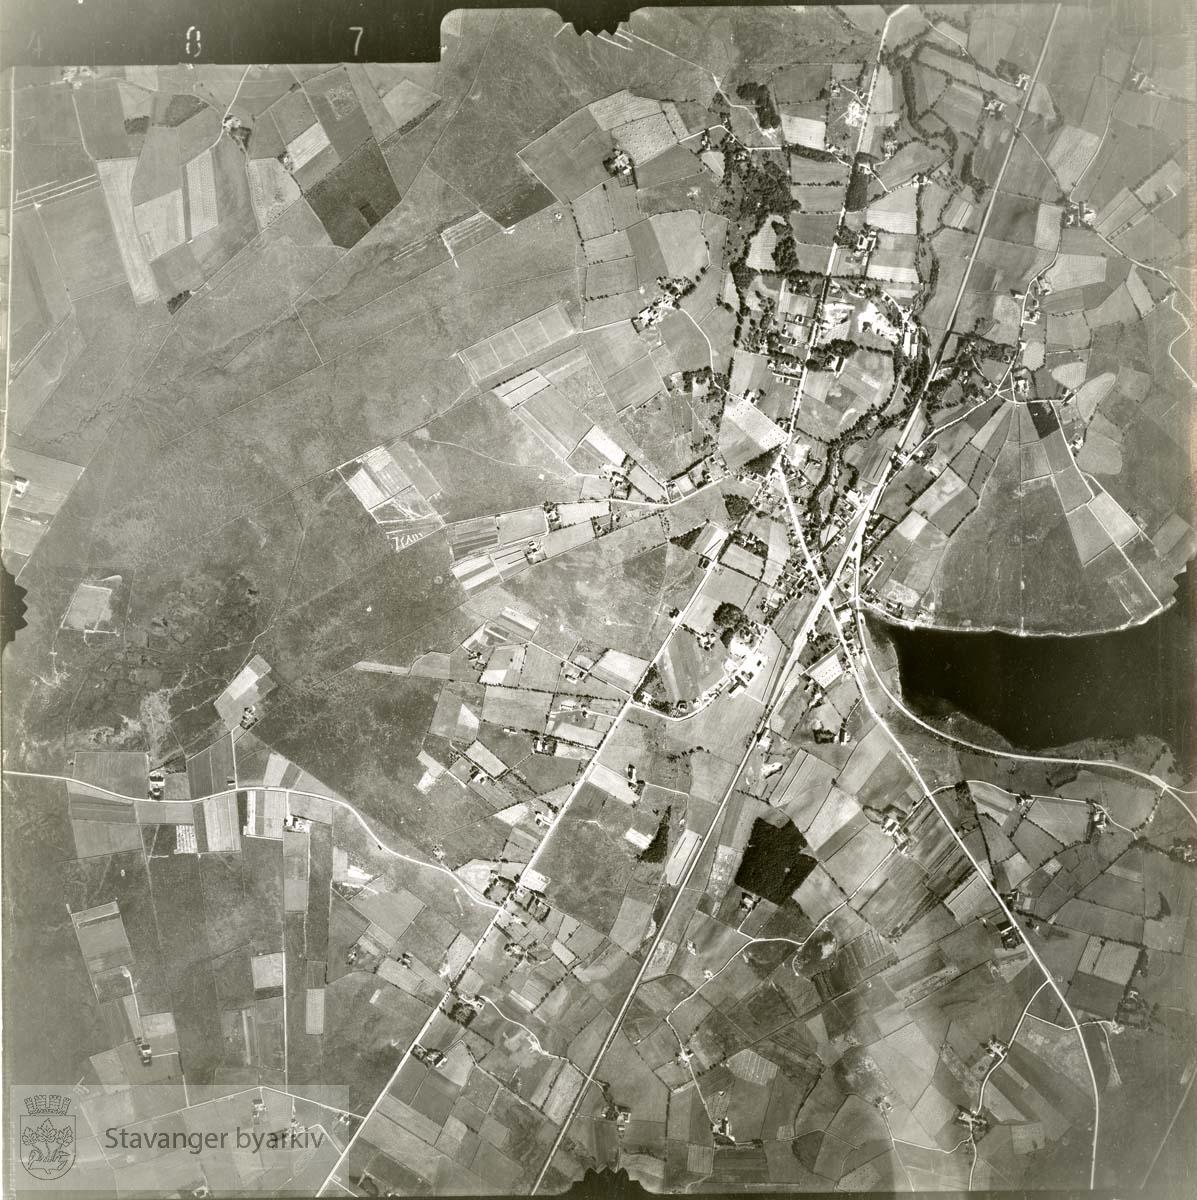 Jfr. kart/fotoplan E11/487..Ganddal, Stokkalandsvatnet..Se ByStW_Uca_002 (kan lastes ned under fanen for kart på Stavangerbilder)